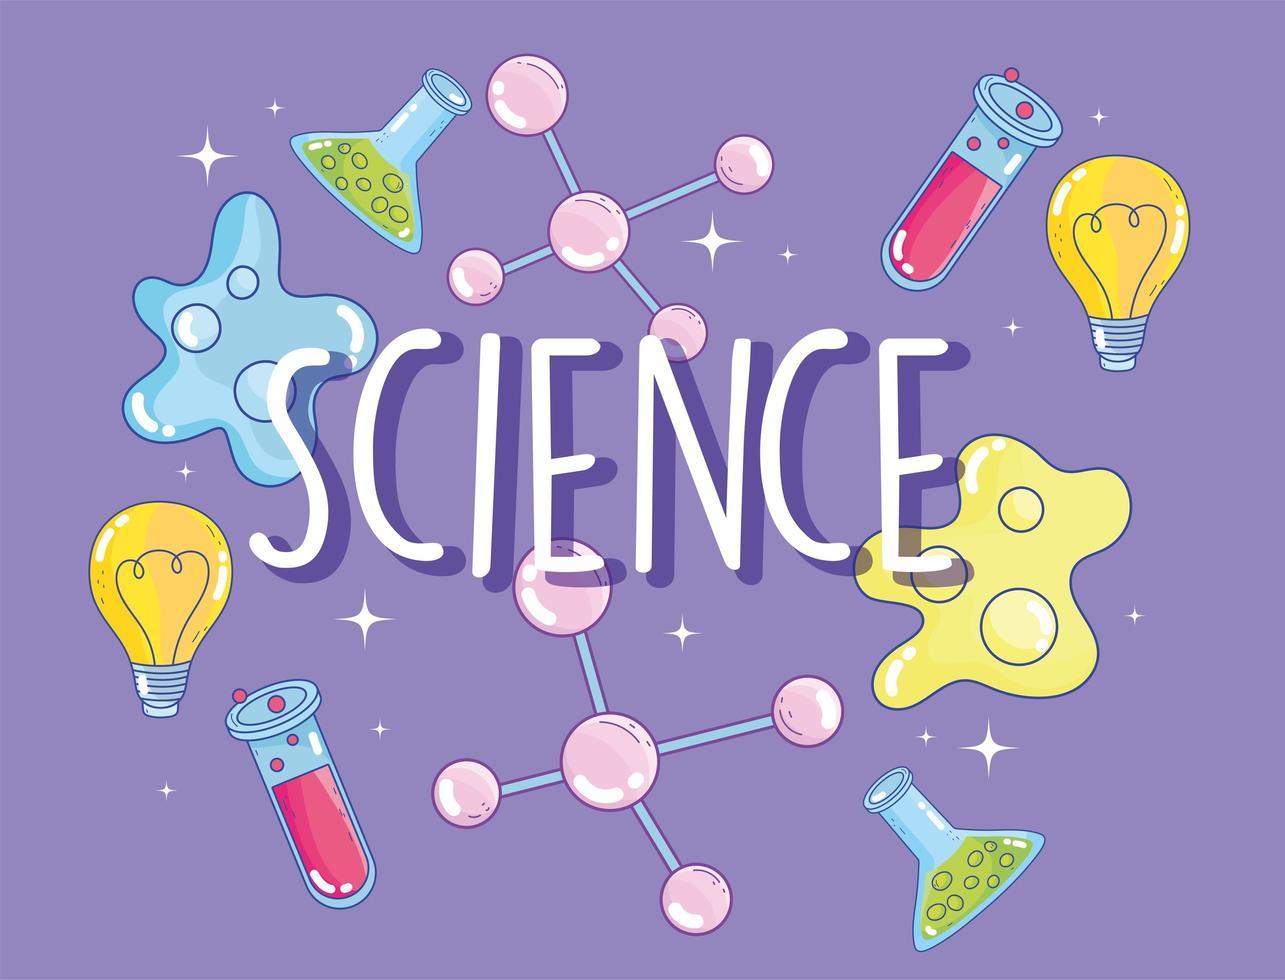 Wissenschaft Forschungslabor Entdeckung Studie Flasche Bakterien Atom Zwiebel vektor